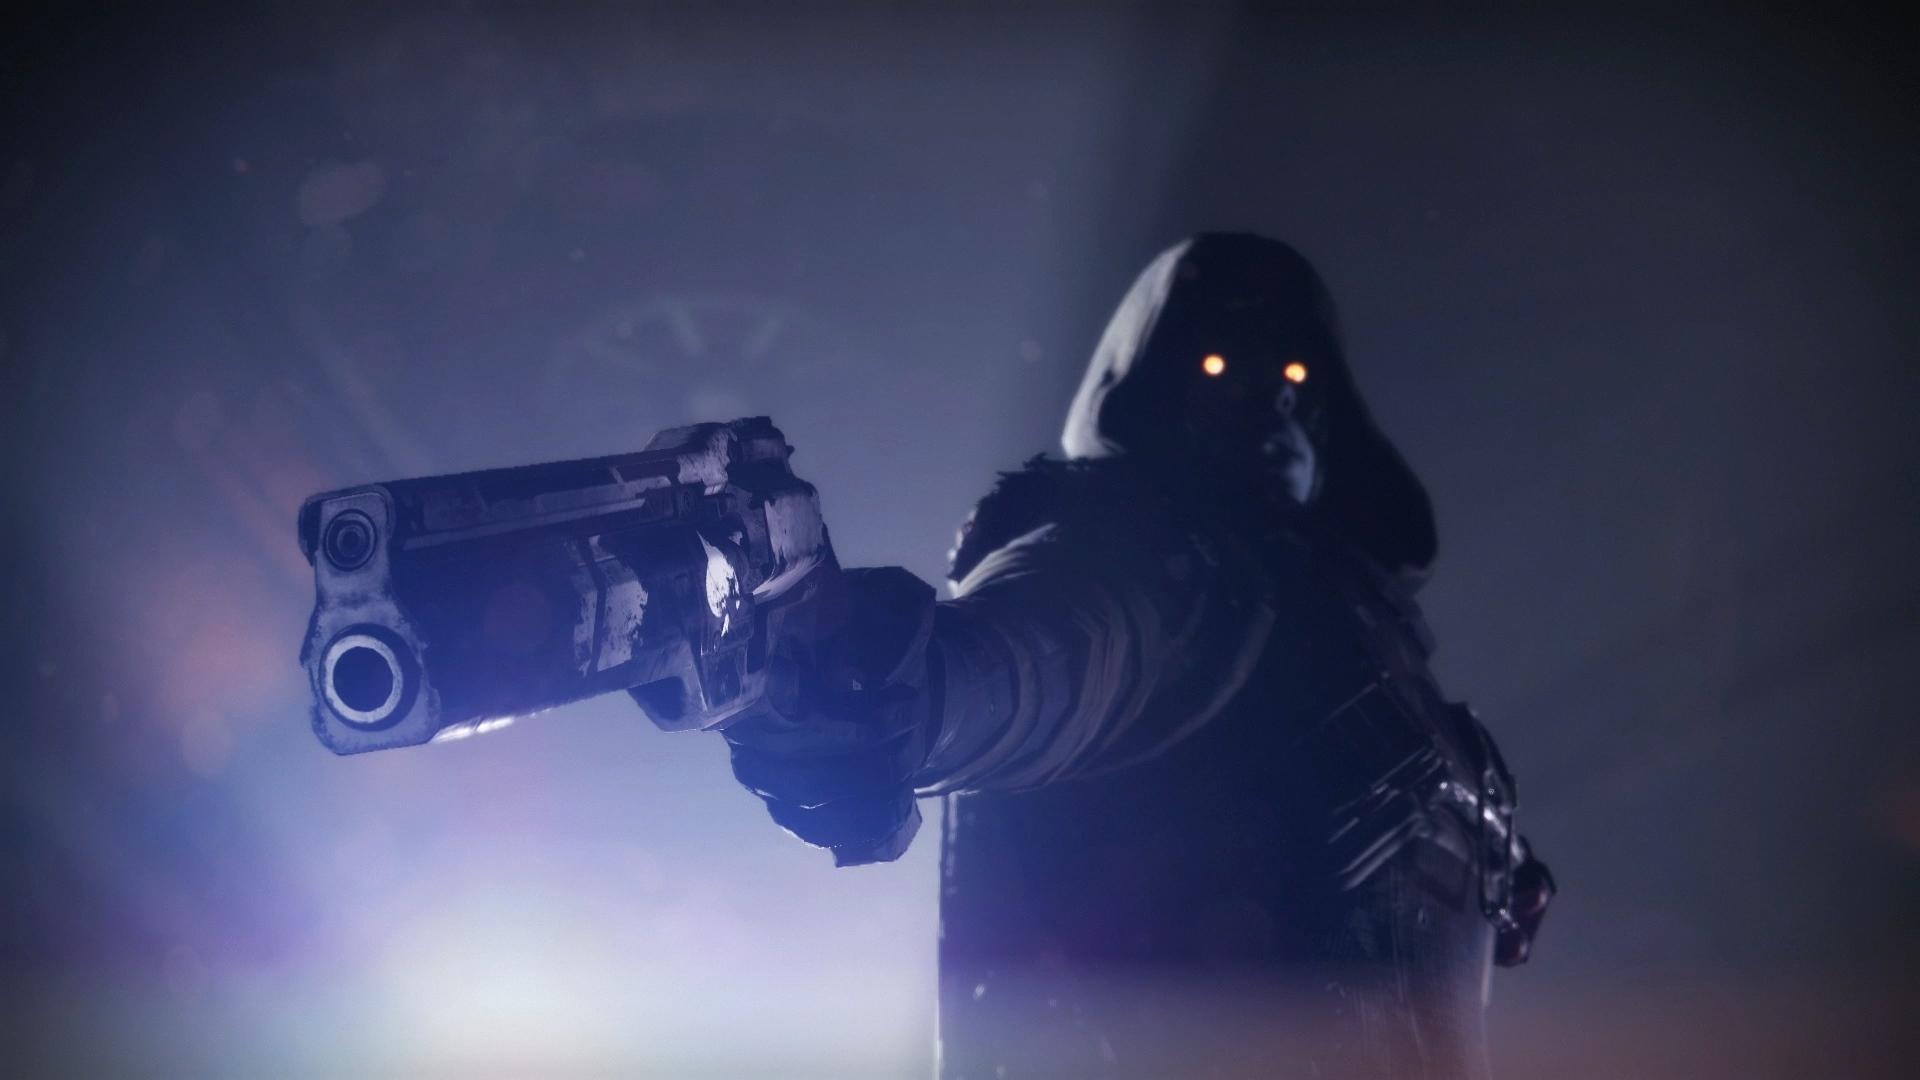 Destiny 2: Forsaken - Digital Deluxe Edition